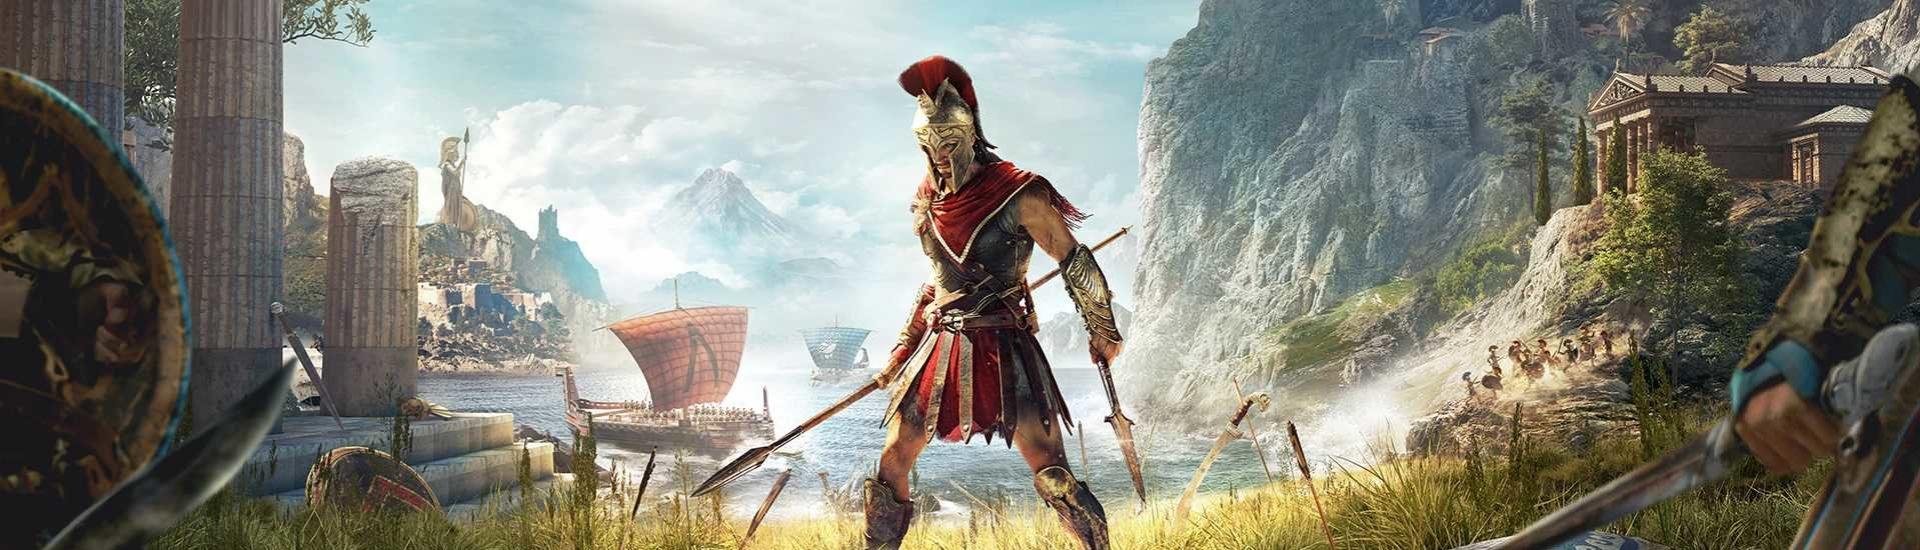 Assassins Creed Odyssey bekommt ein Next-Gen-Update